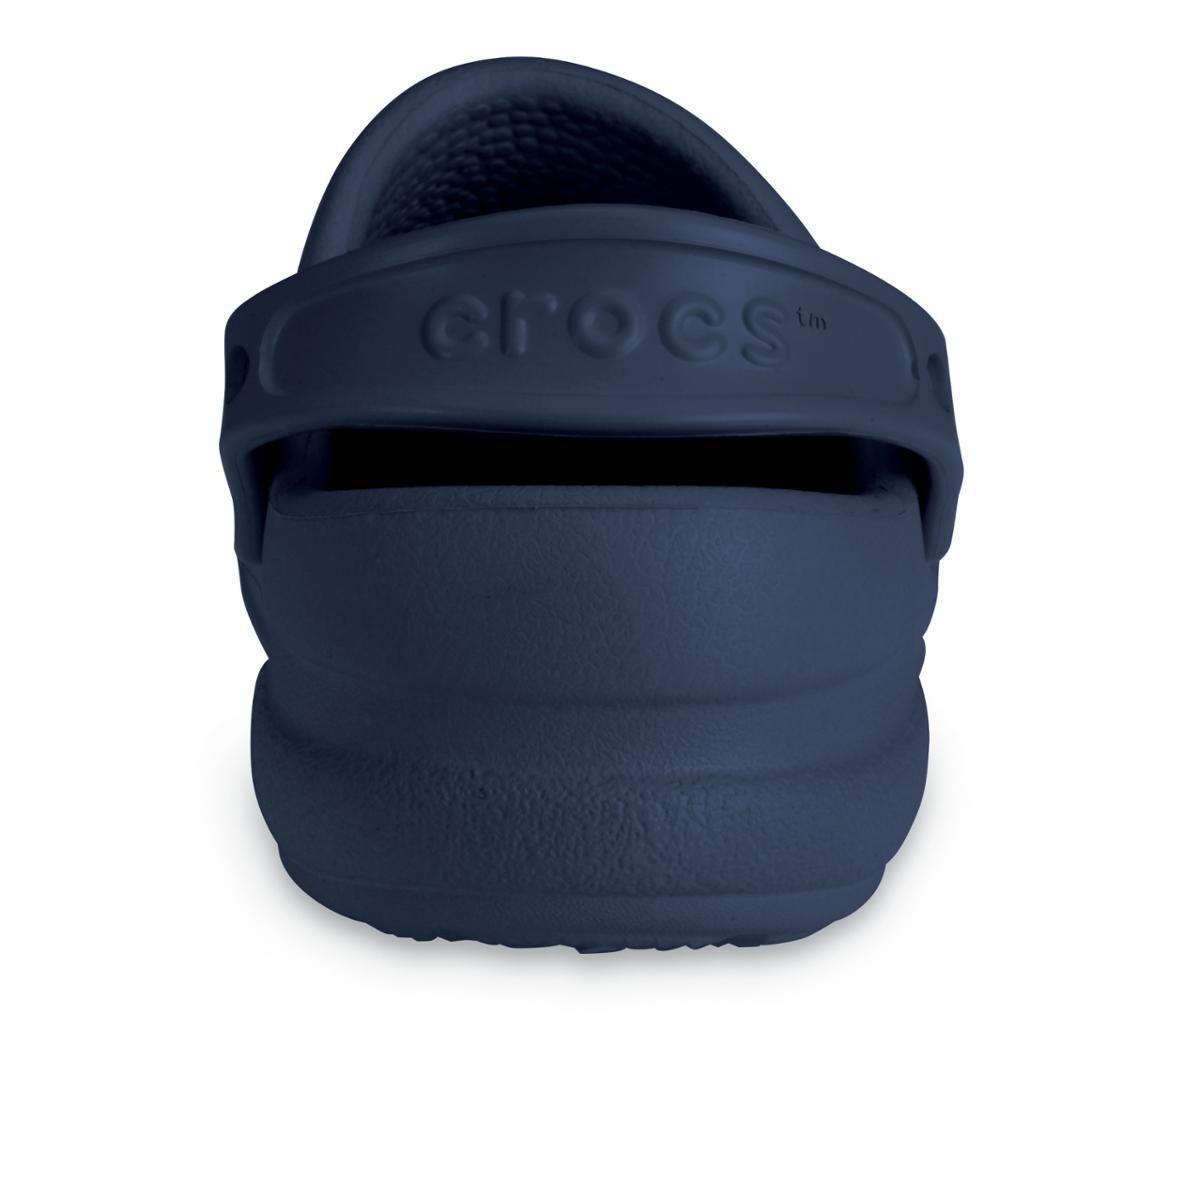 24184db66 sandália crocs crocs specialist vent navy + nfe. Carregando zoom.